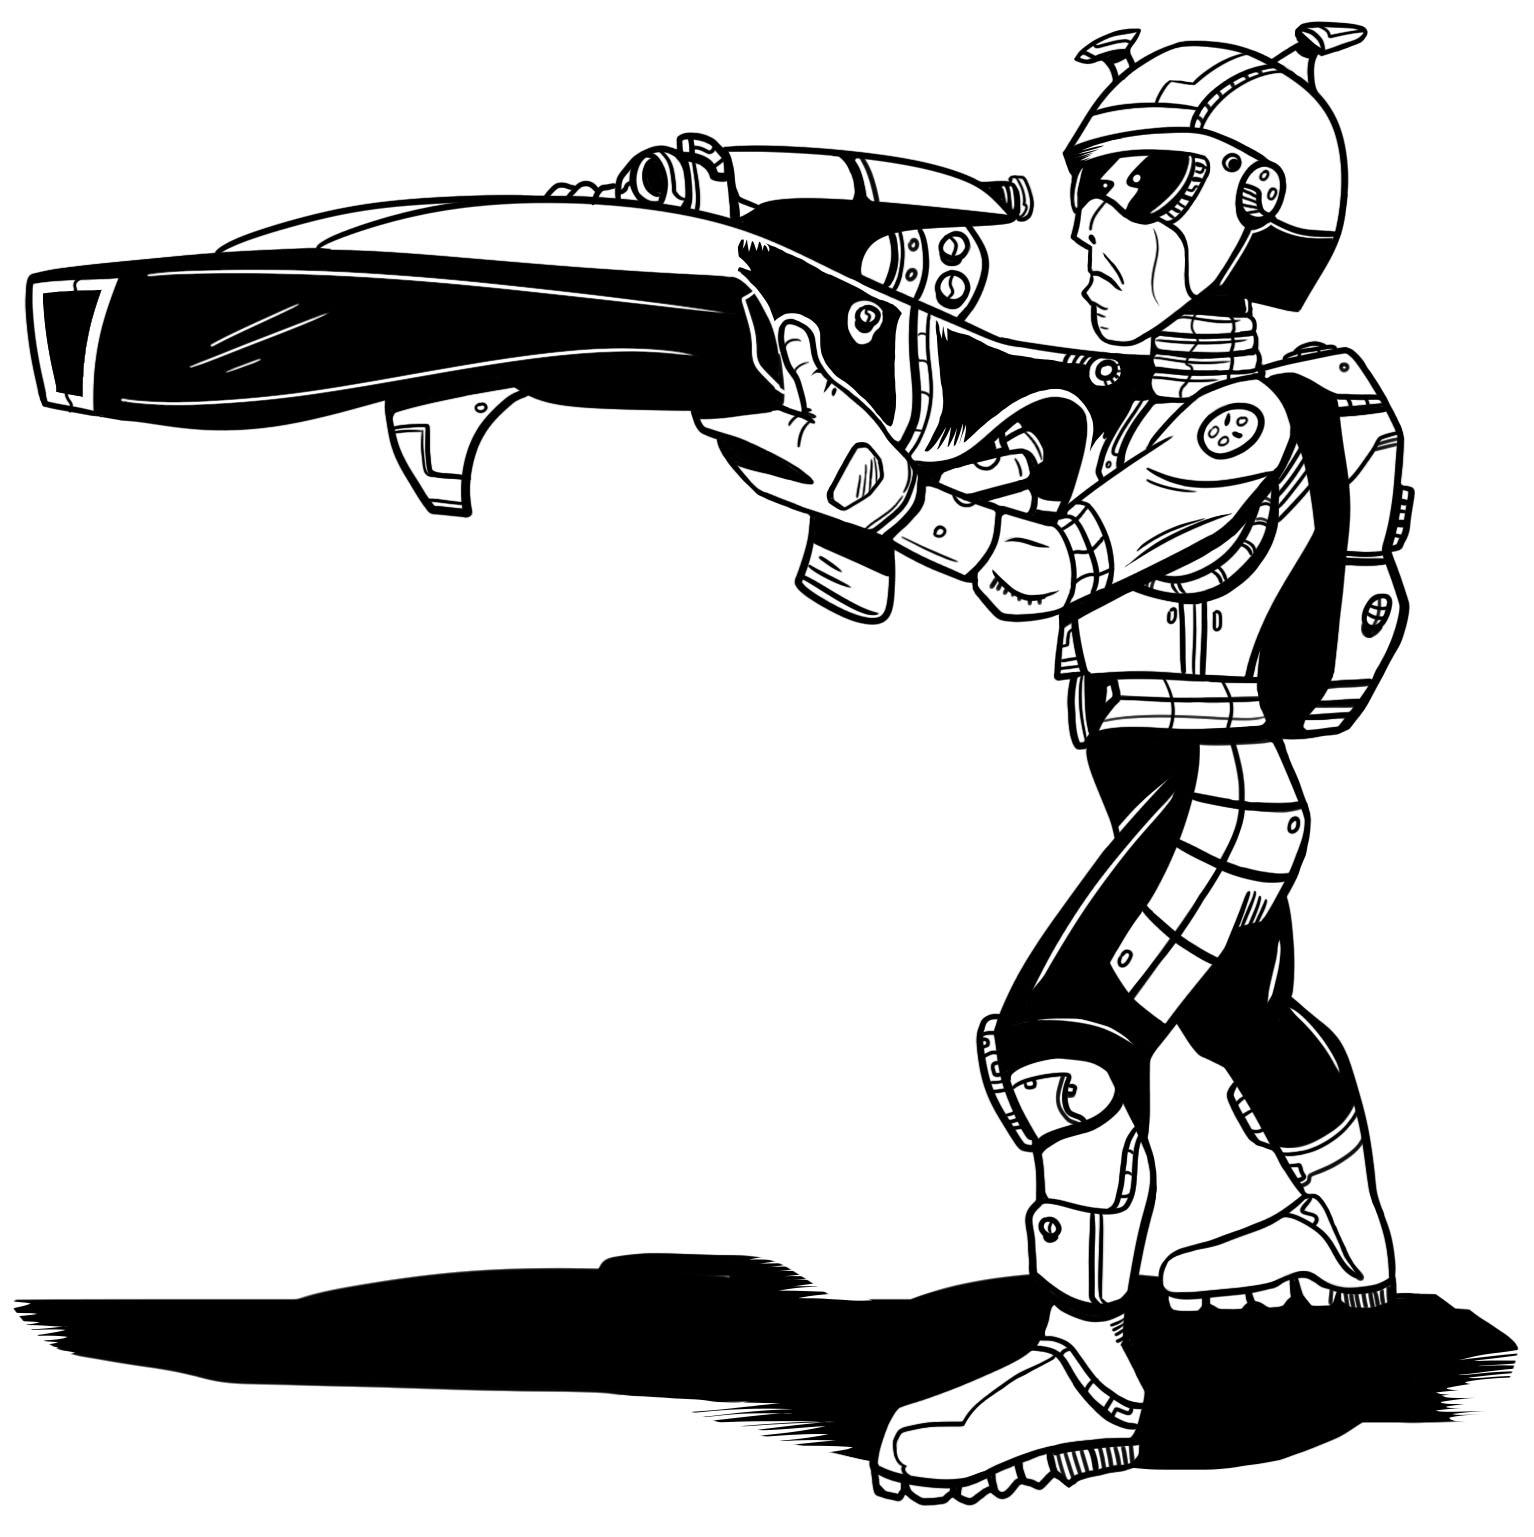 Gray Commando